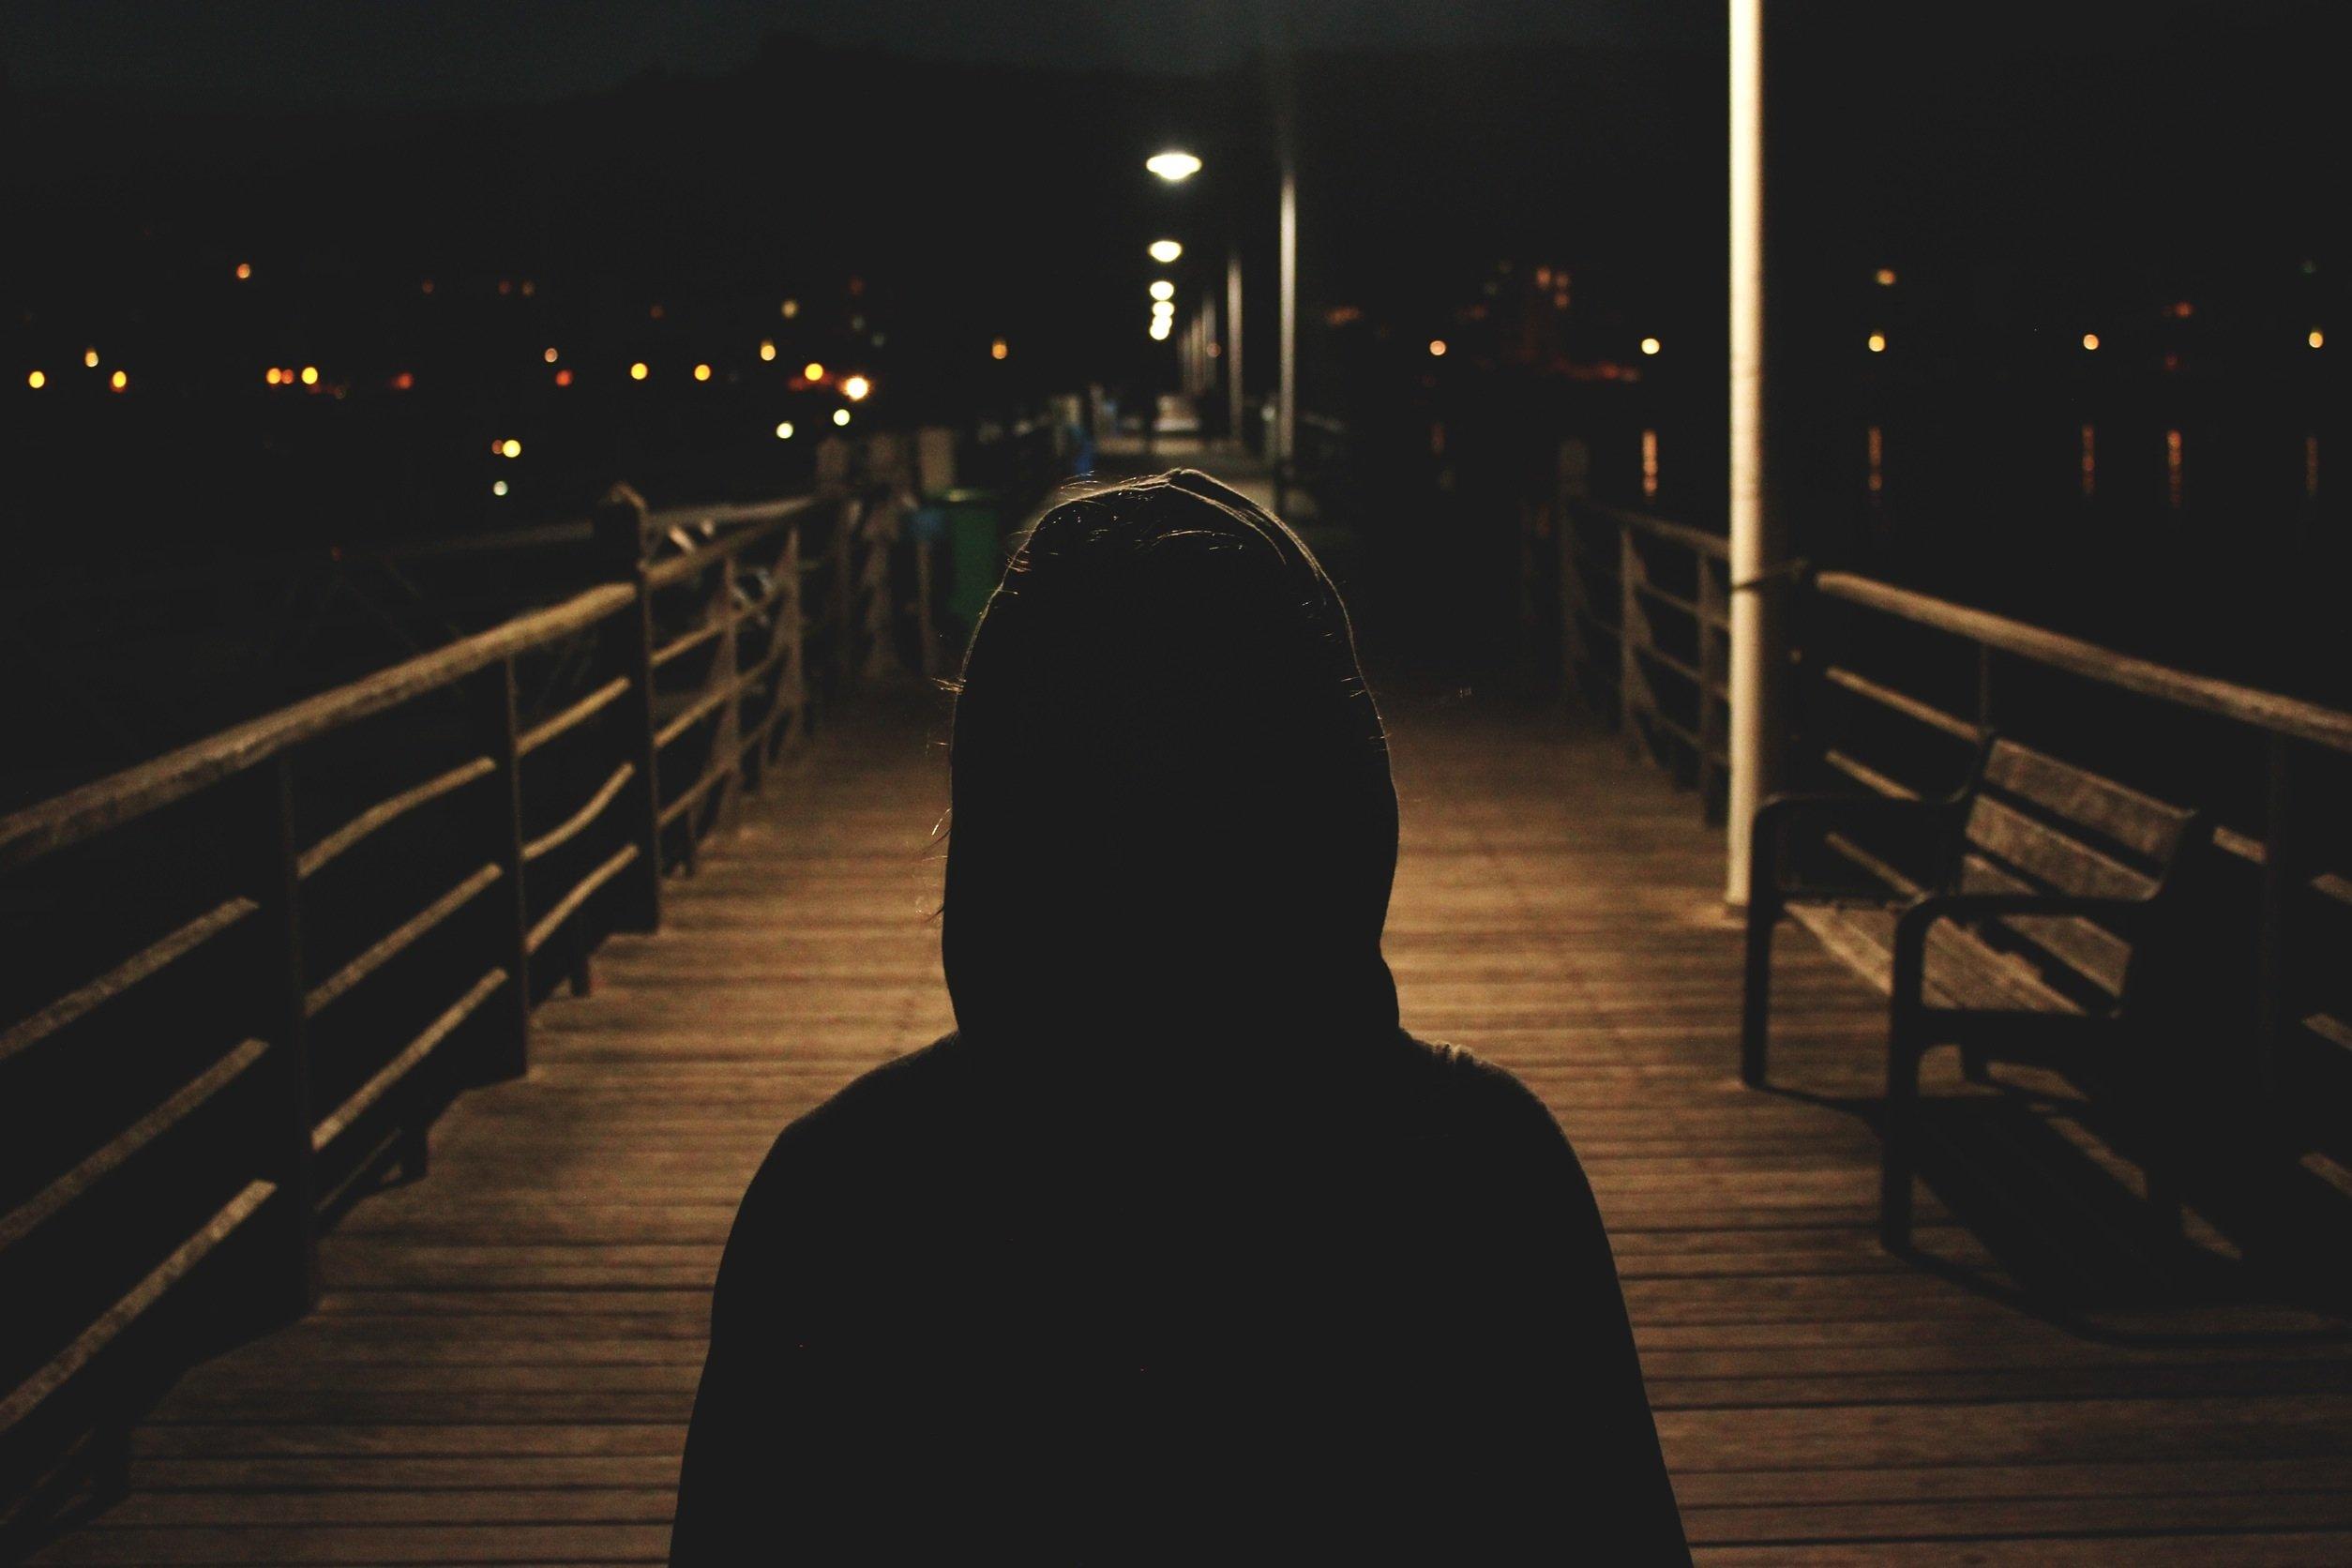 フードをかぶった男が暗い道の上で立っている画像